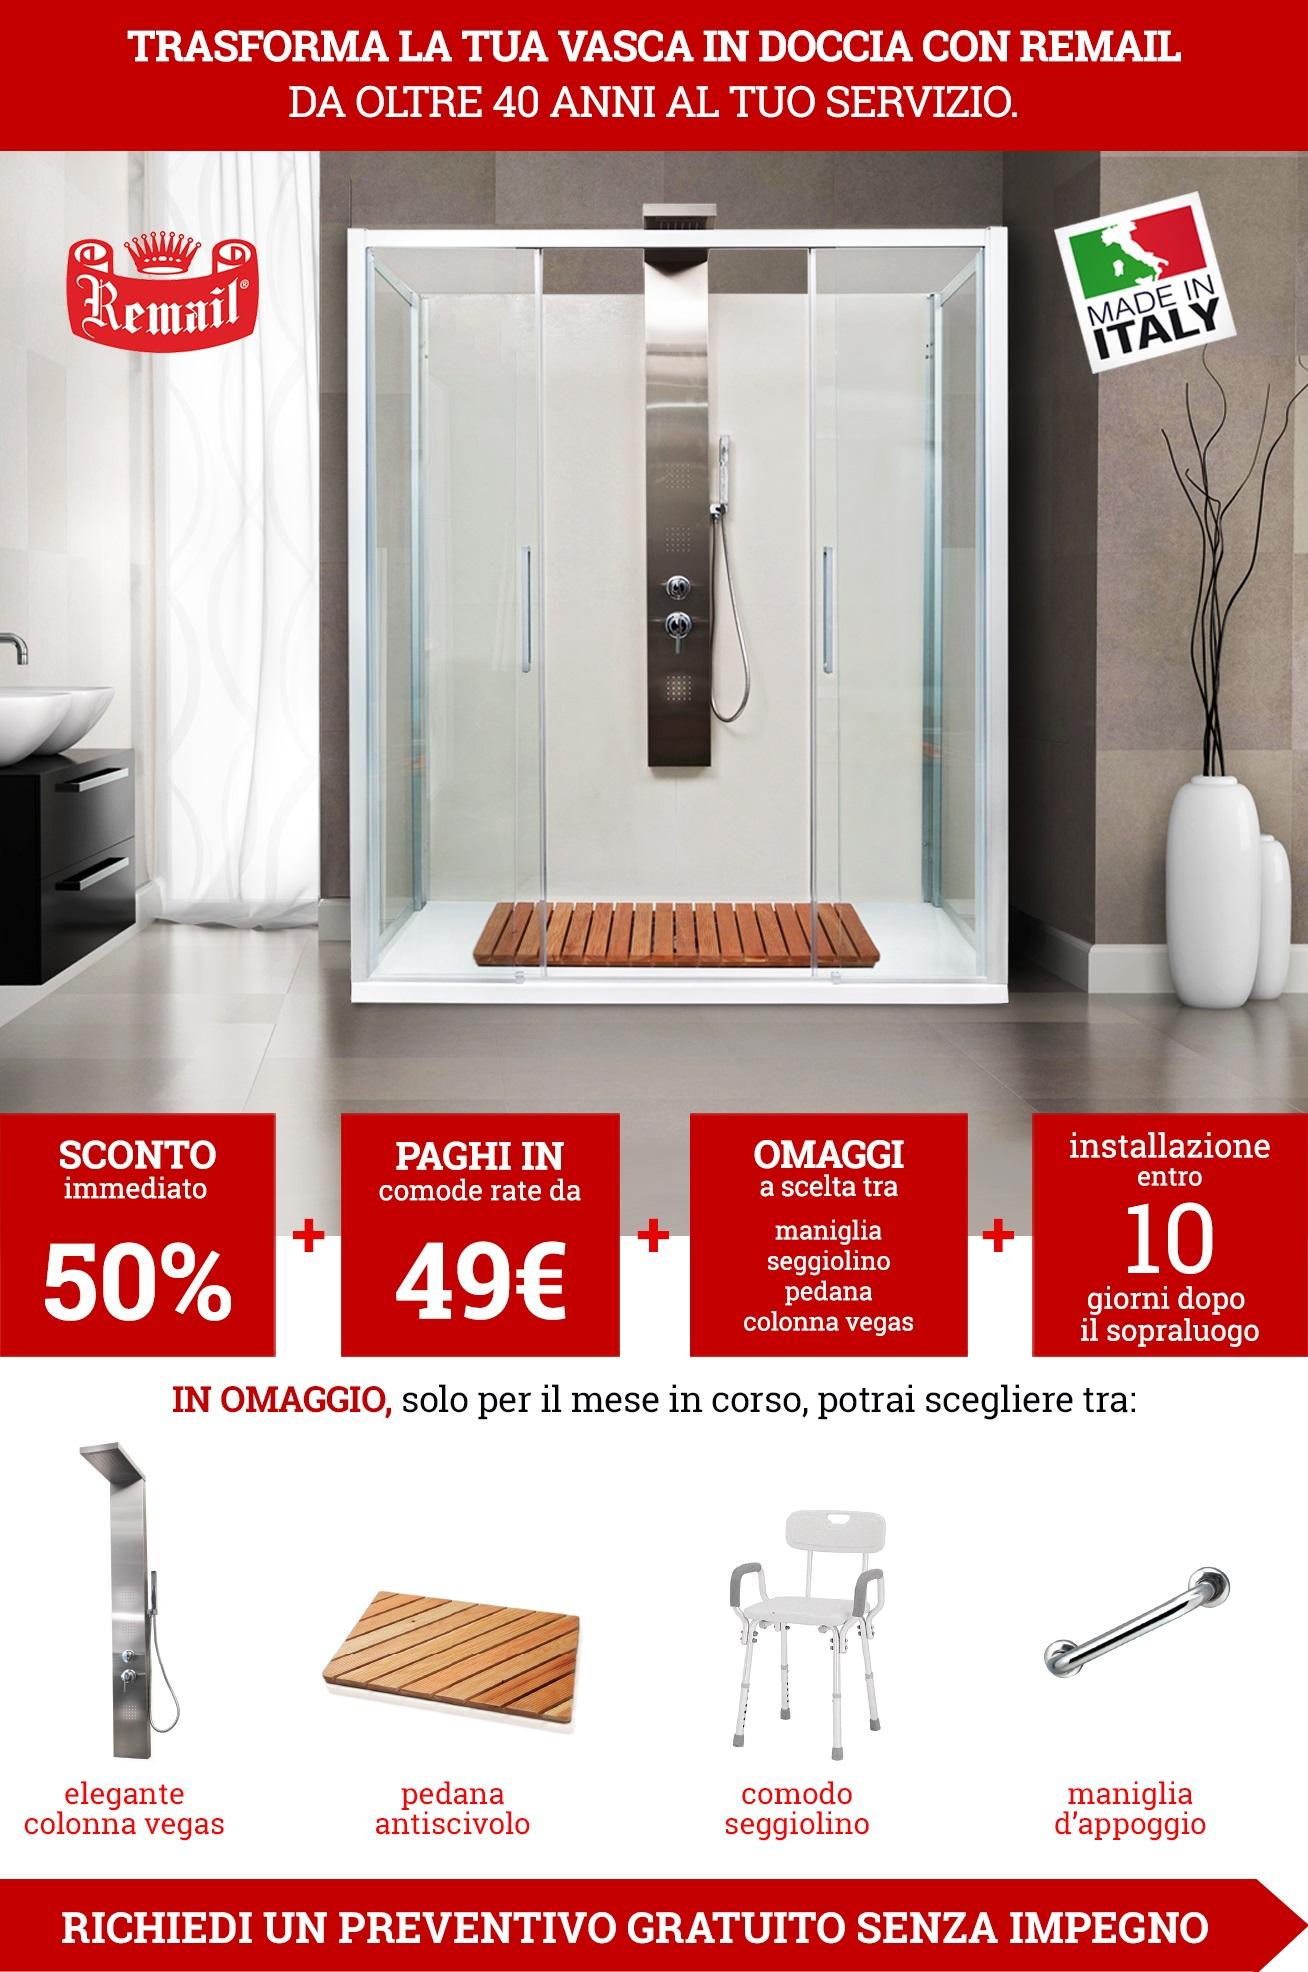 Trasformazione vasca in doccia: rinnovare il bagno con un sistema ...